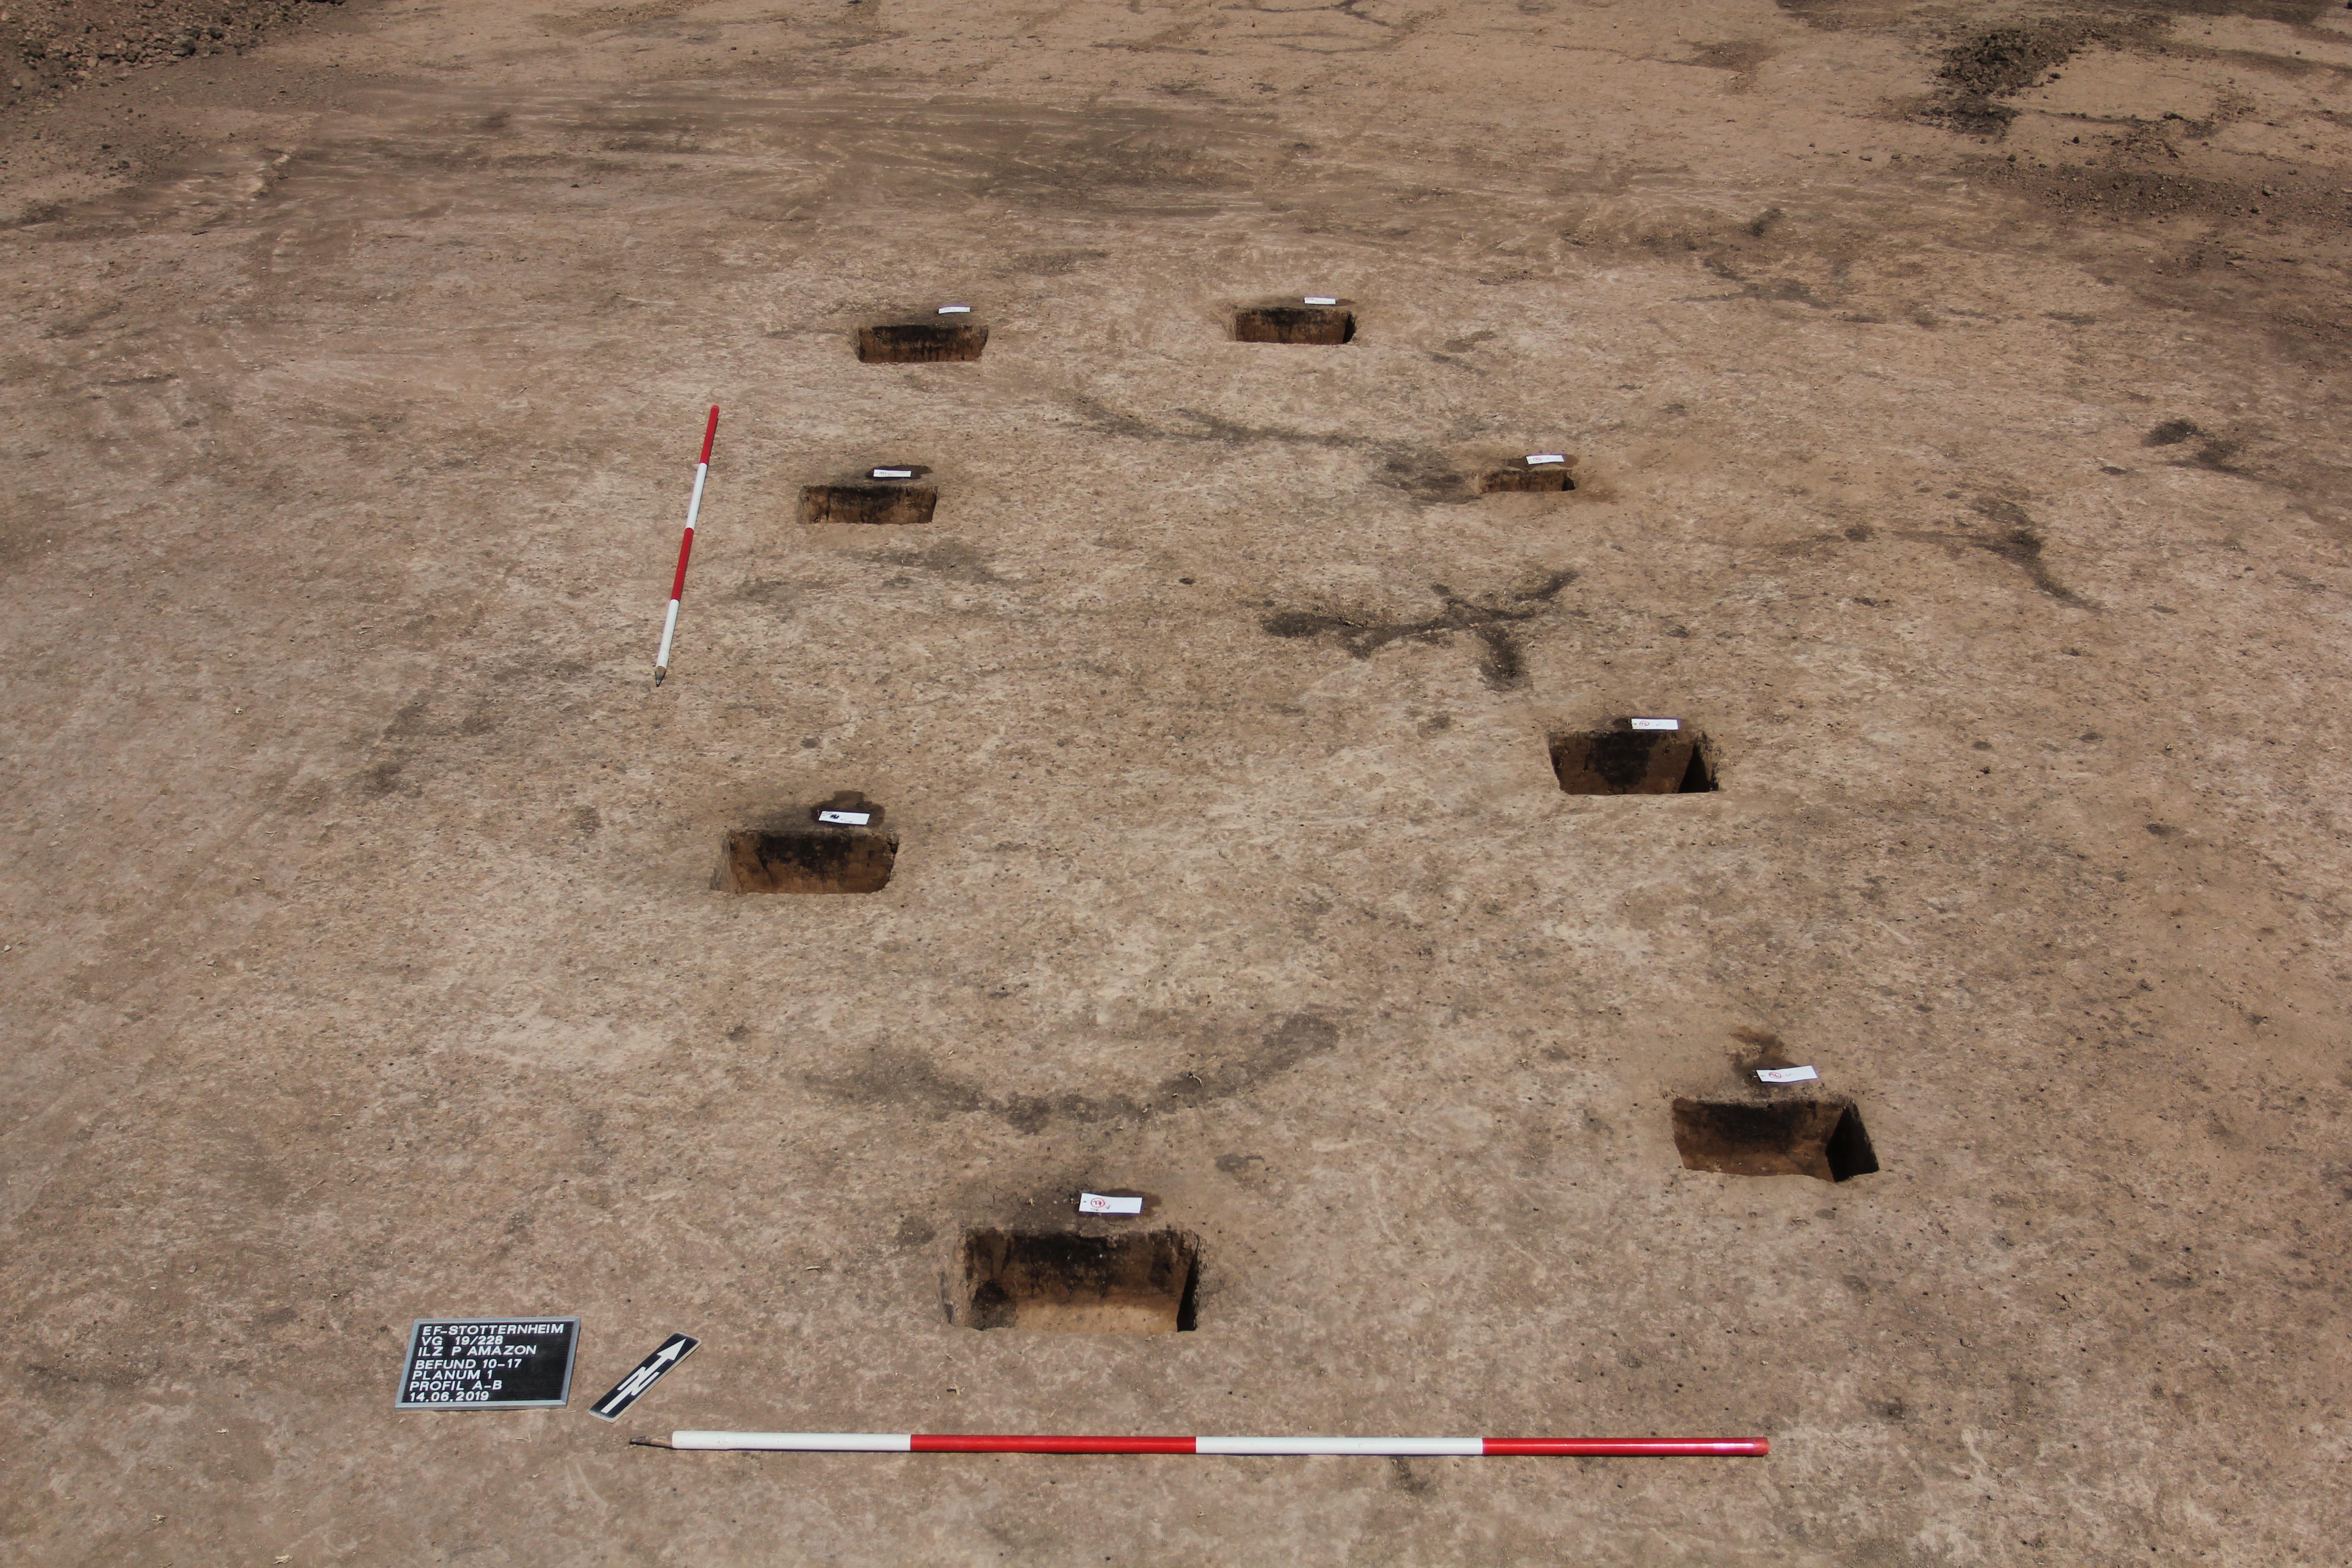 Braunrötlicher Erduntergrund zeigt dunkle Pfostenspuren von Hausgrundriss